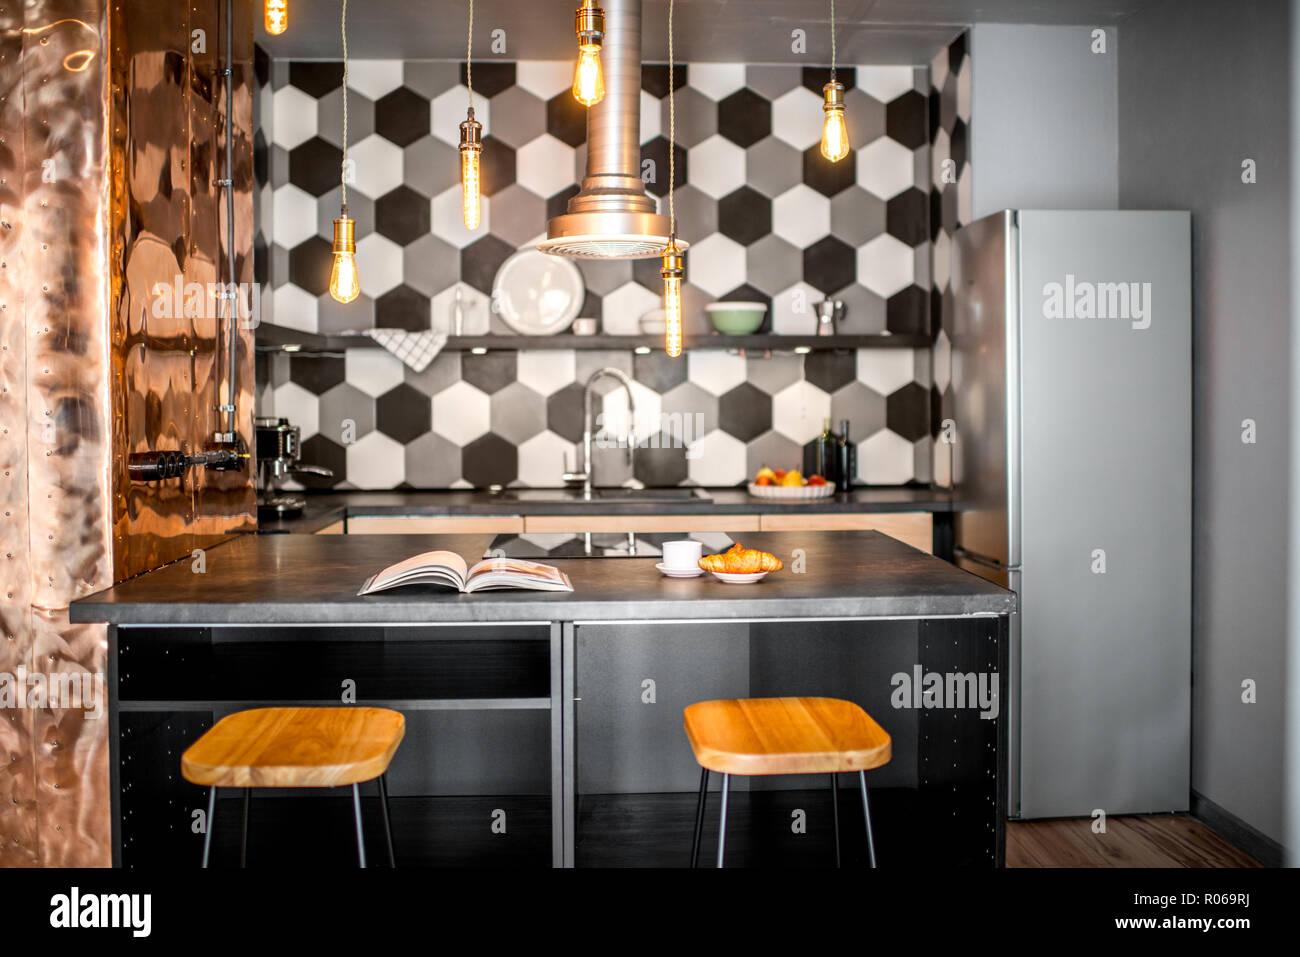 Loft cucina interna esagonale con piastrelle bianche e nere e parete di rame foto immagine - Piastrelle bianche cucina ...